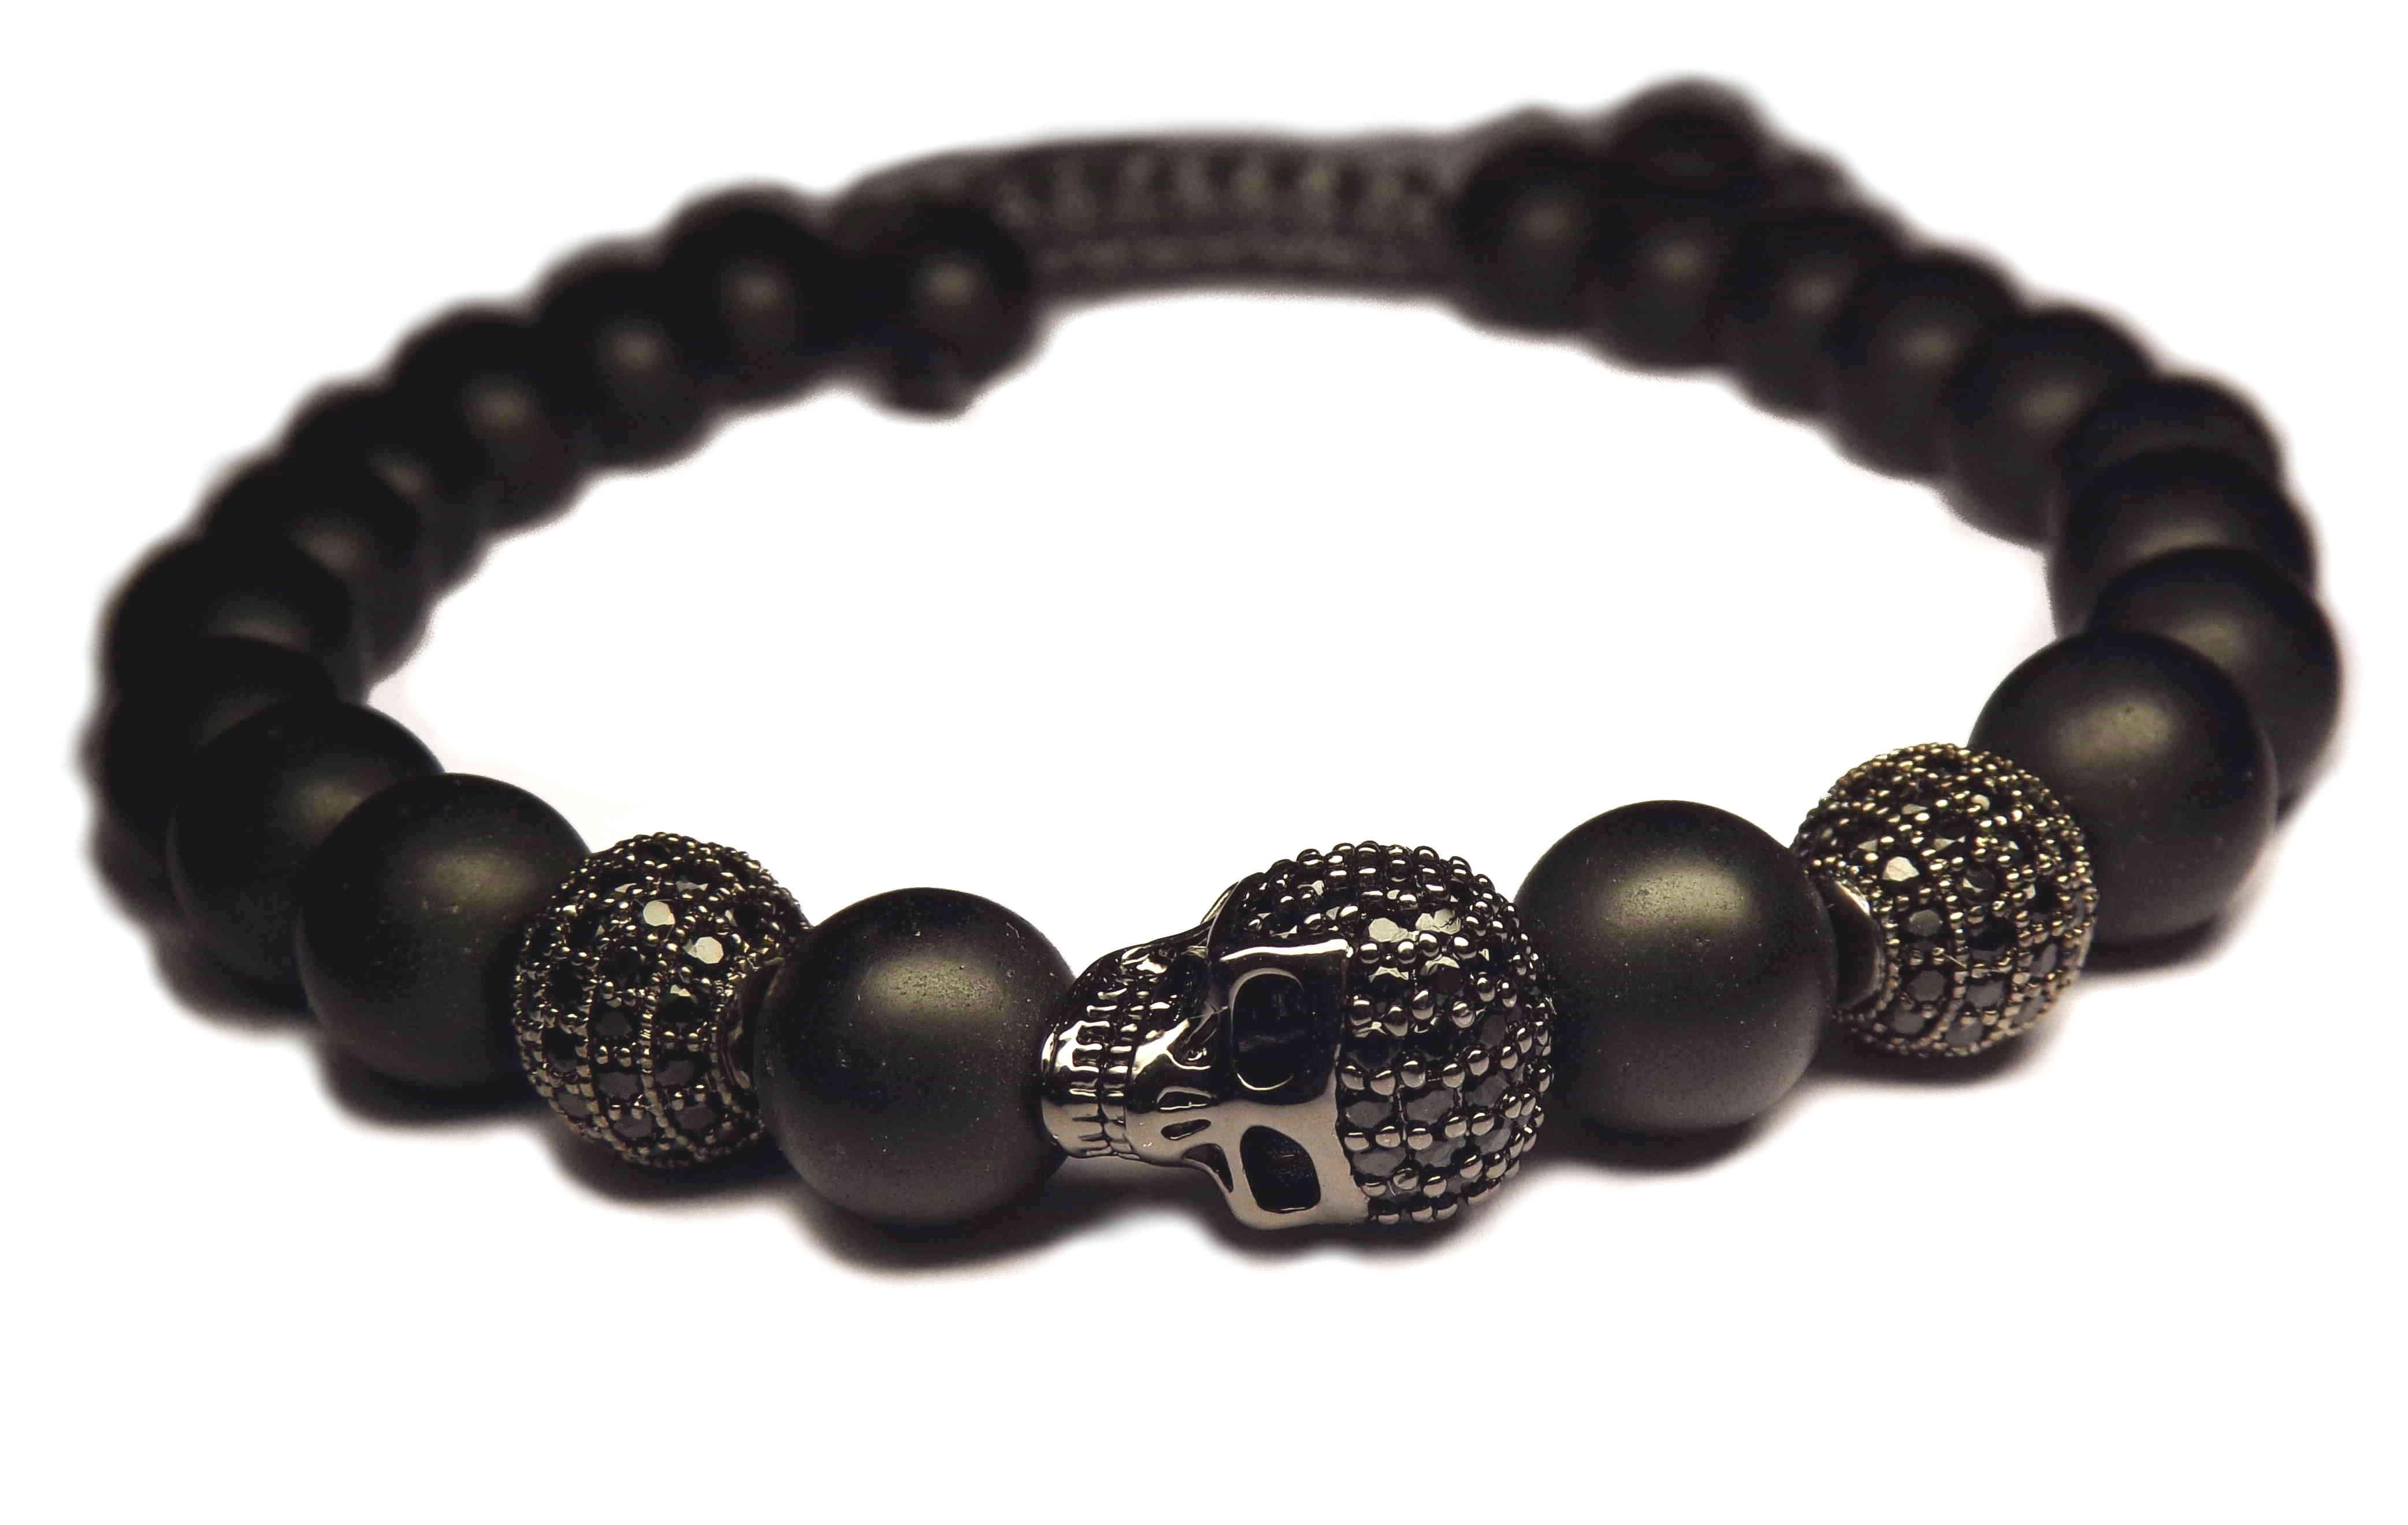 achetez le vrai le bracelet tete de mort prix de vente 99 00. Black Bedroom Furniture Sets. Home Design Ideas